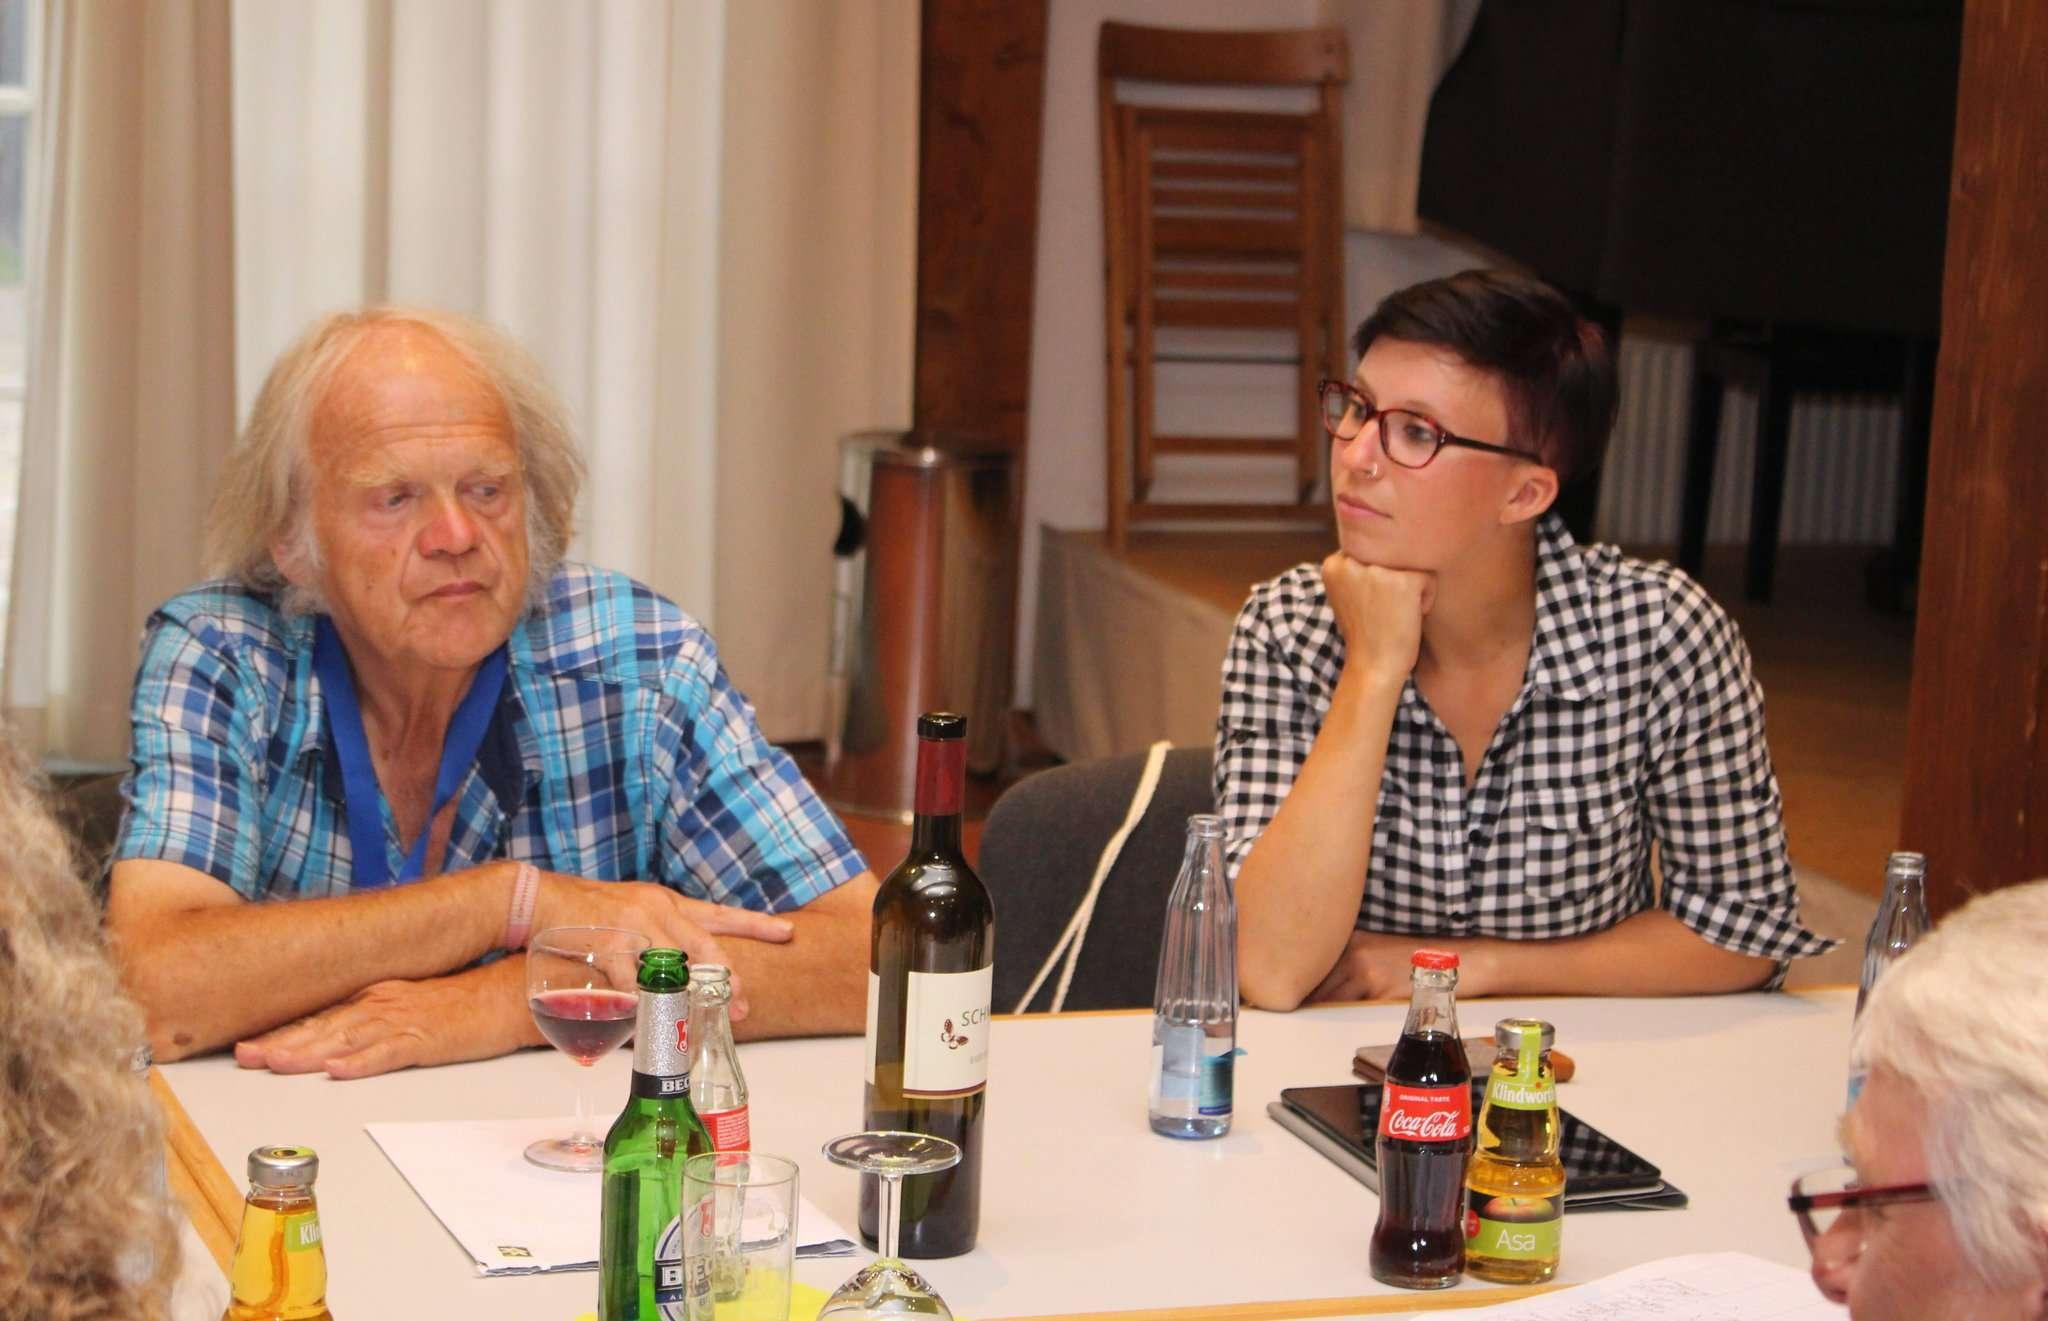 Klaus Jädicke als zweiter Vorsitzender und Tomke Heeren als Schatzmeisterin haben derzeit wichtige Funktionen im Vorstand inne. Foto: Henning Leeske